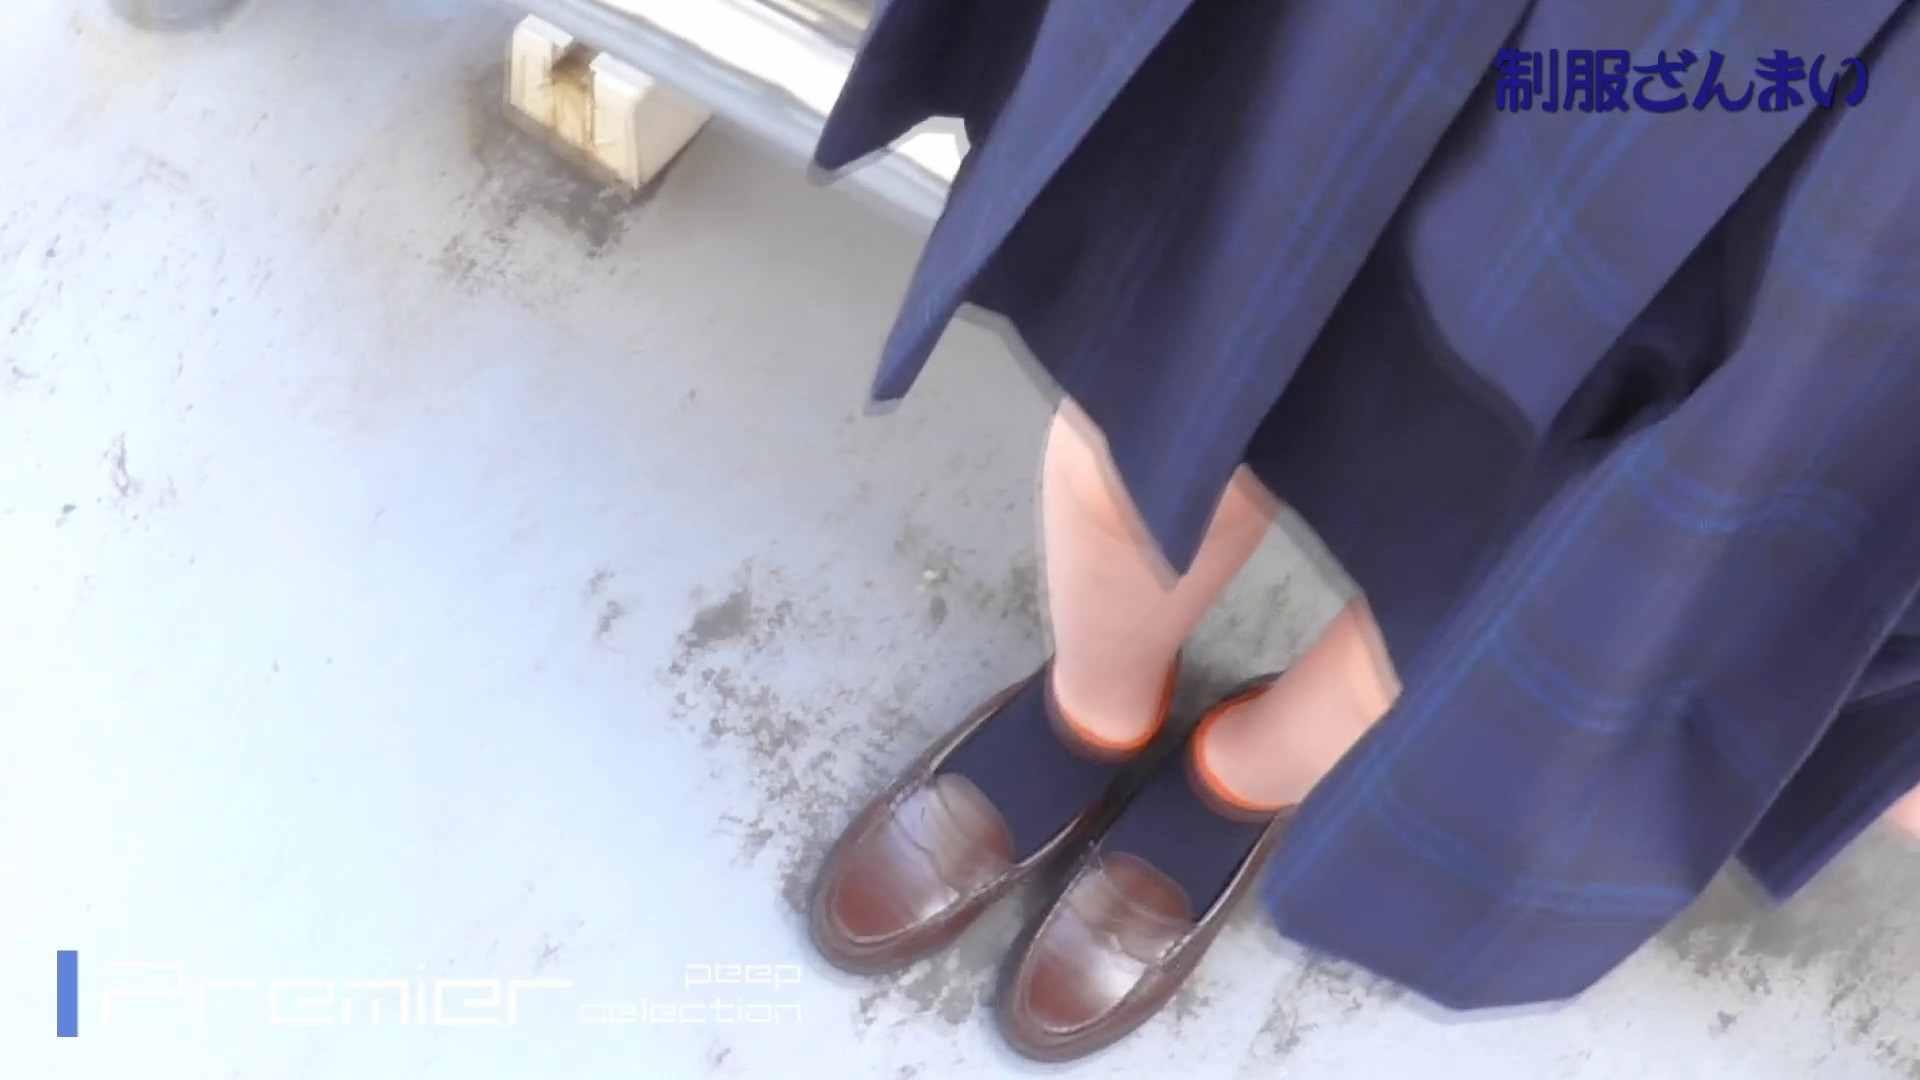 パンツを売る女 Vol.24 可愛い制月反ギャルの大胆SEX 前編 ギャル達 AV動画キャプチャ 112枚 17